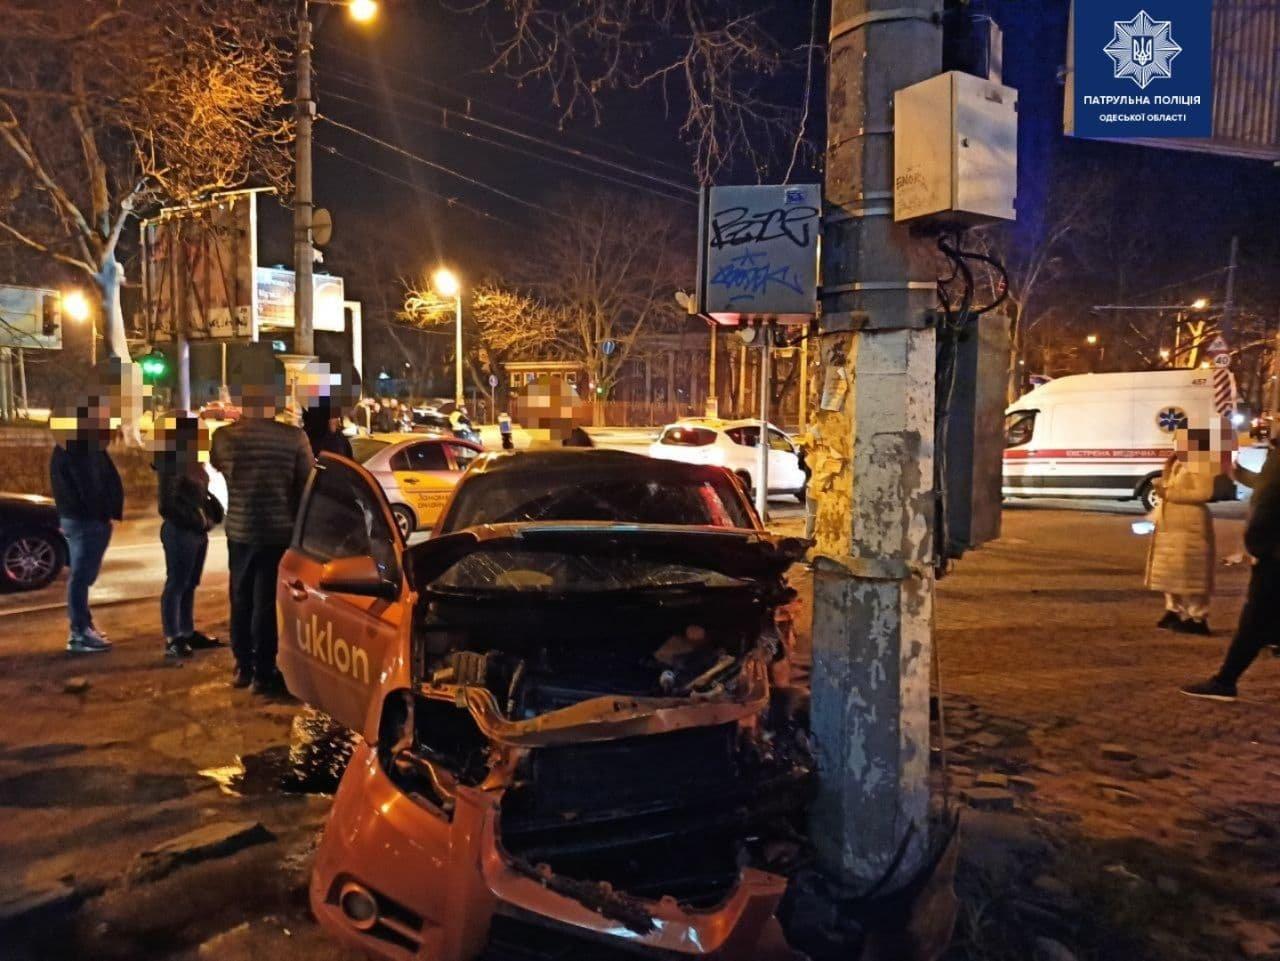 В Одессе произошло ДТП с участием такси: троих человек госпитализировали, - ФОТО, фото-2